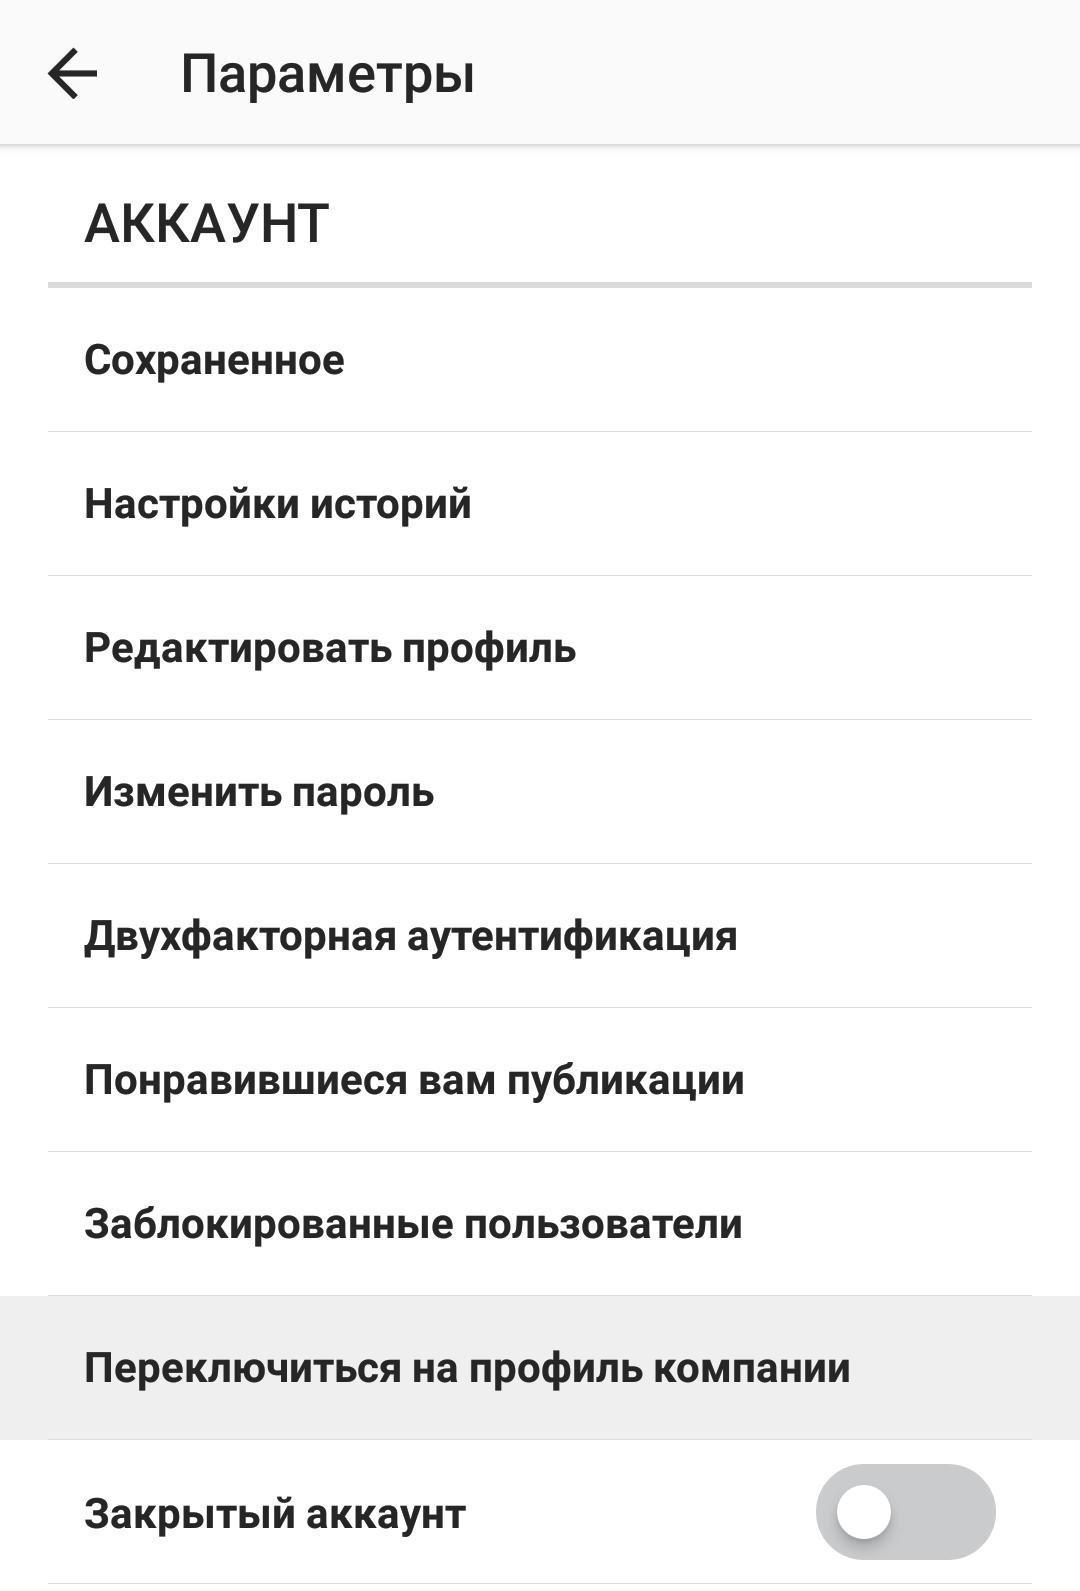 Подключение статистики Инстаграм для своей страницы